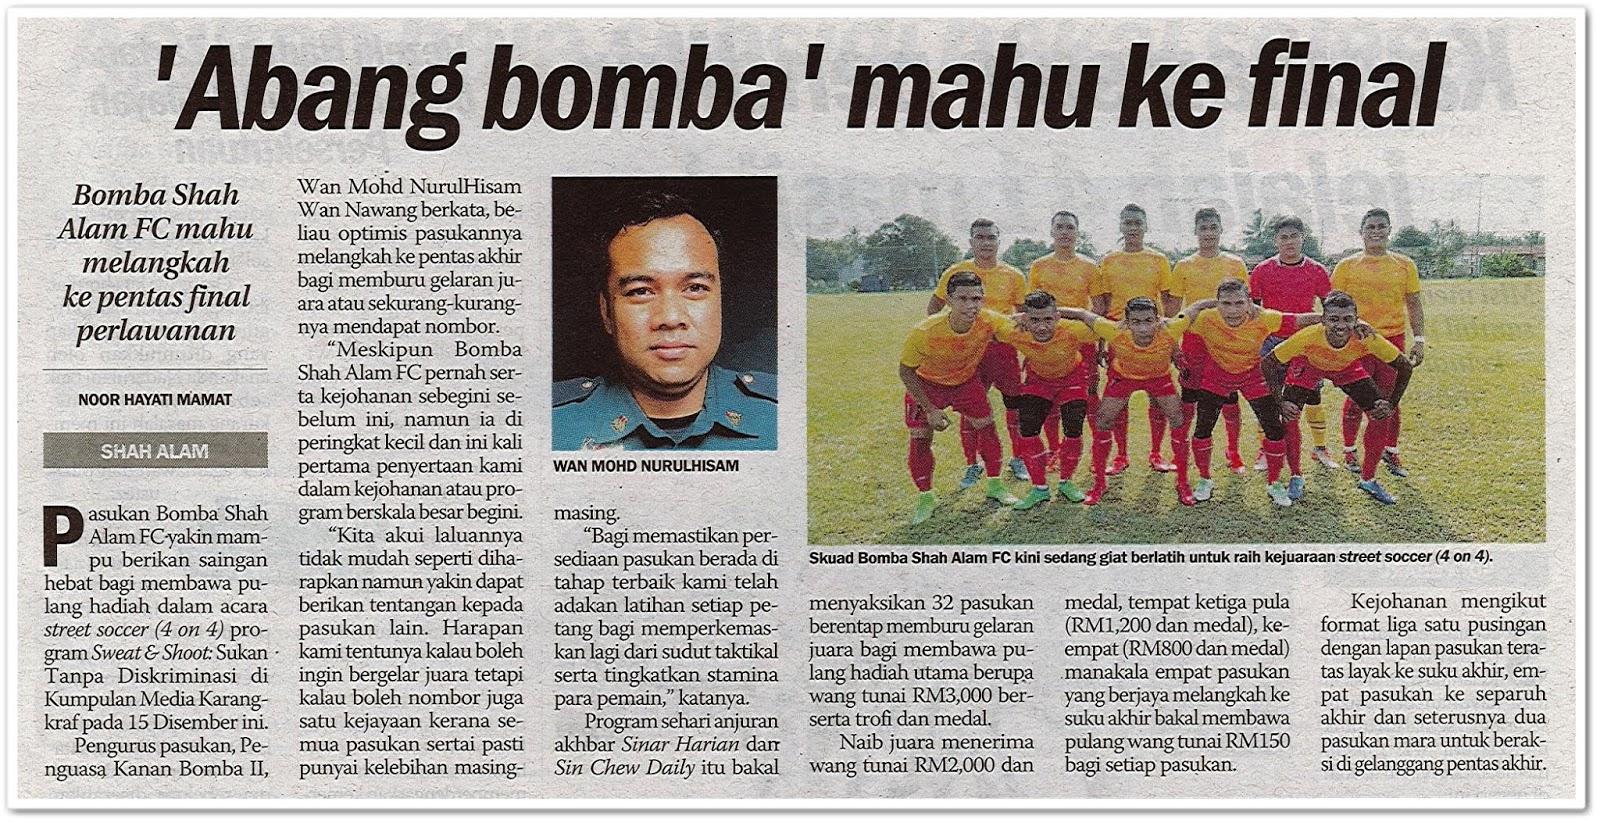 'Abang bomba' mahu ke final - Keratan akhbar Sinar Harian 10 November 2019